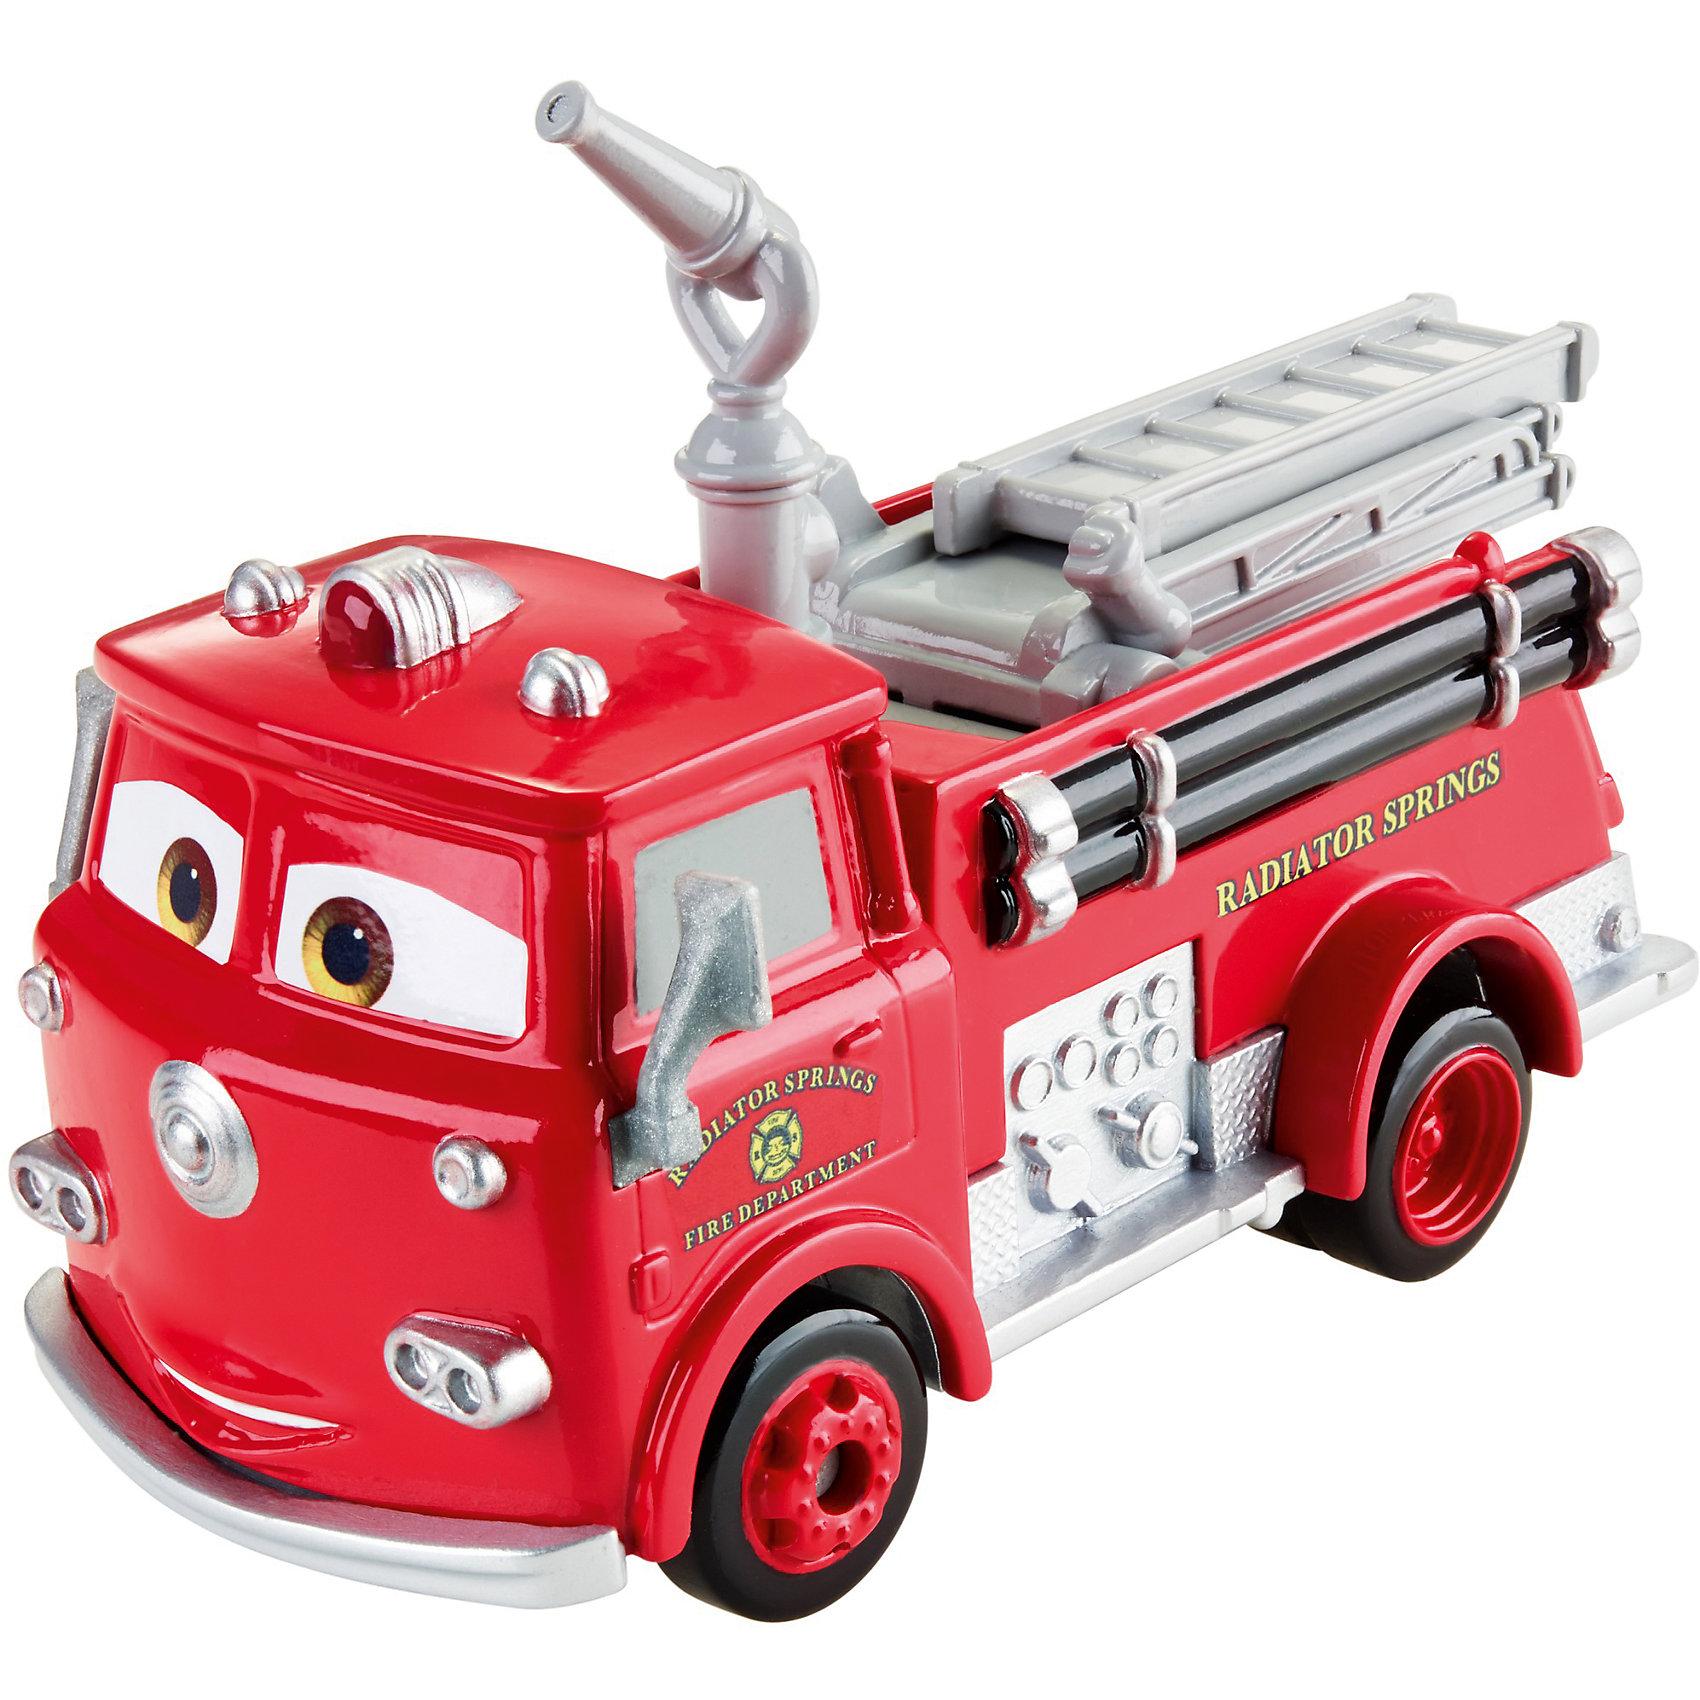 Пожарная машина, ТачкиТачки Игрушки<br><br><br>Ширина мм: 165<br>Глубина мм: 70<br>Высота мм: 190<br>Вес г: 419<br>Возраст от месяцев: 36<br>Возраст до месяцев: 120<br>Пол: Мужской<br>Возраст: Детский<br>SKU: 6882650